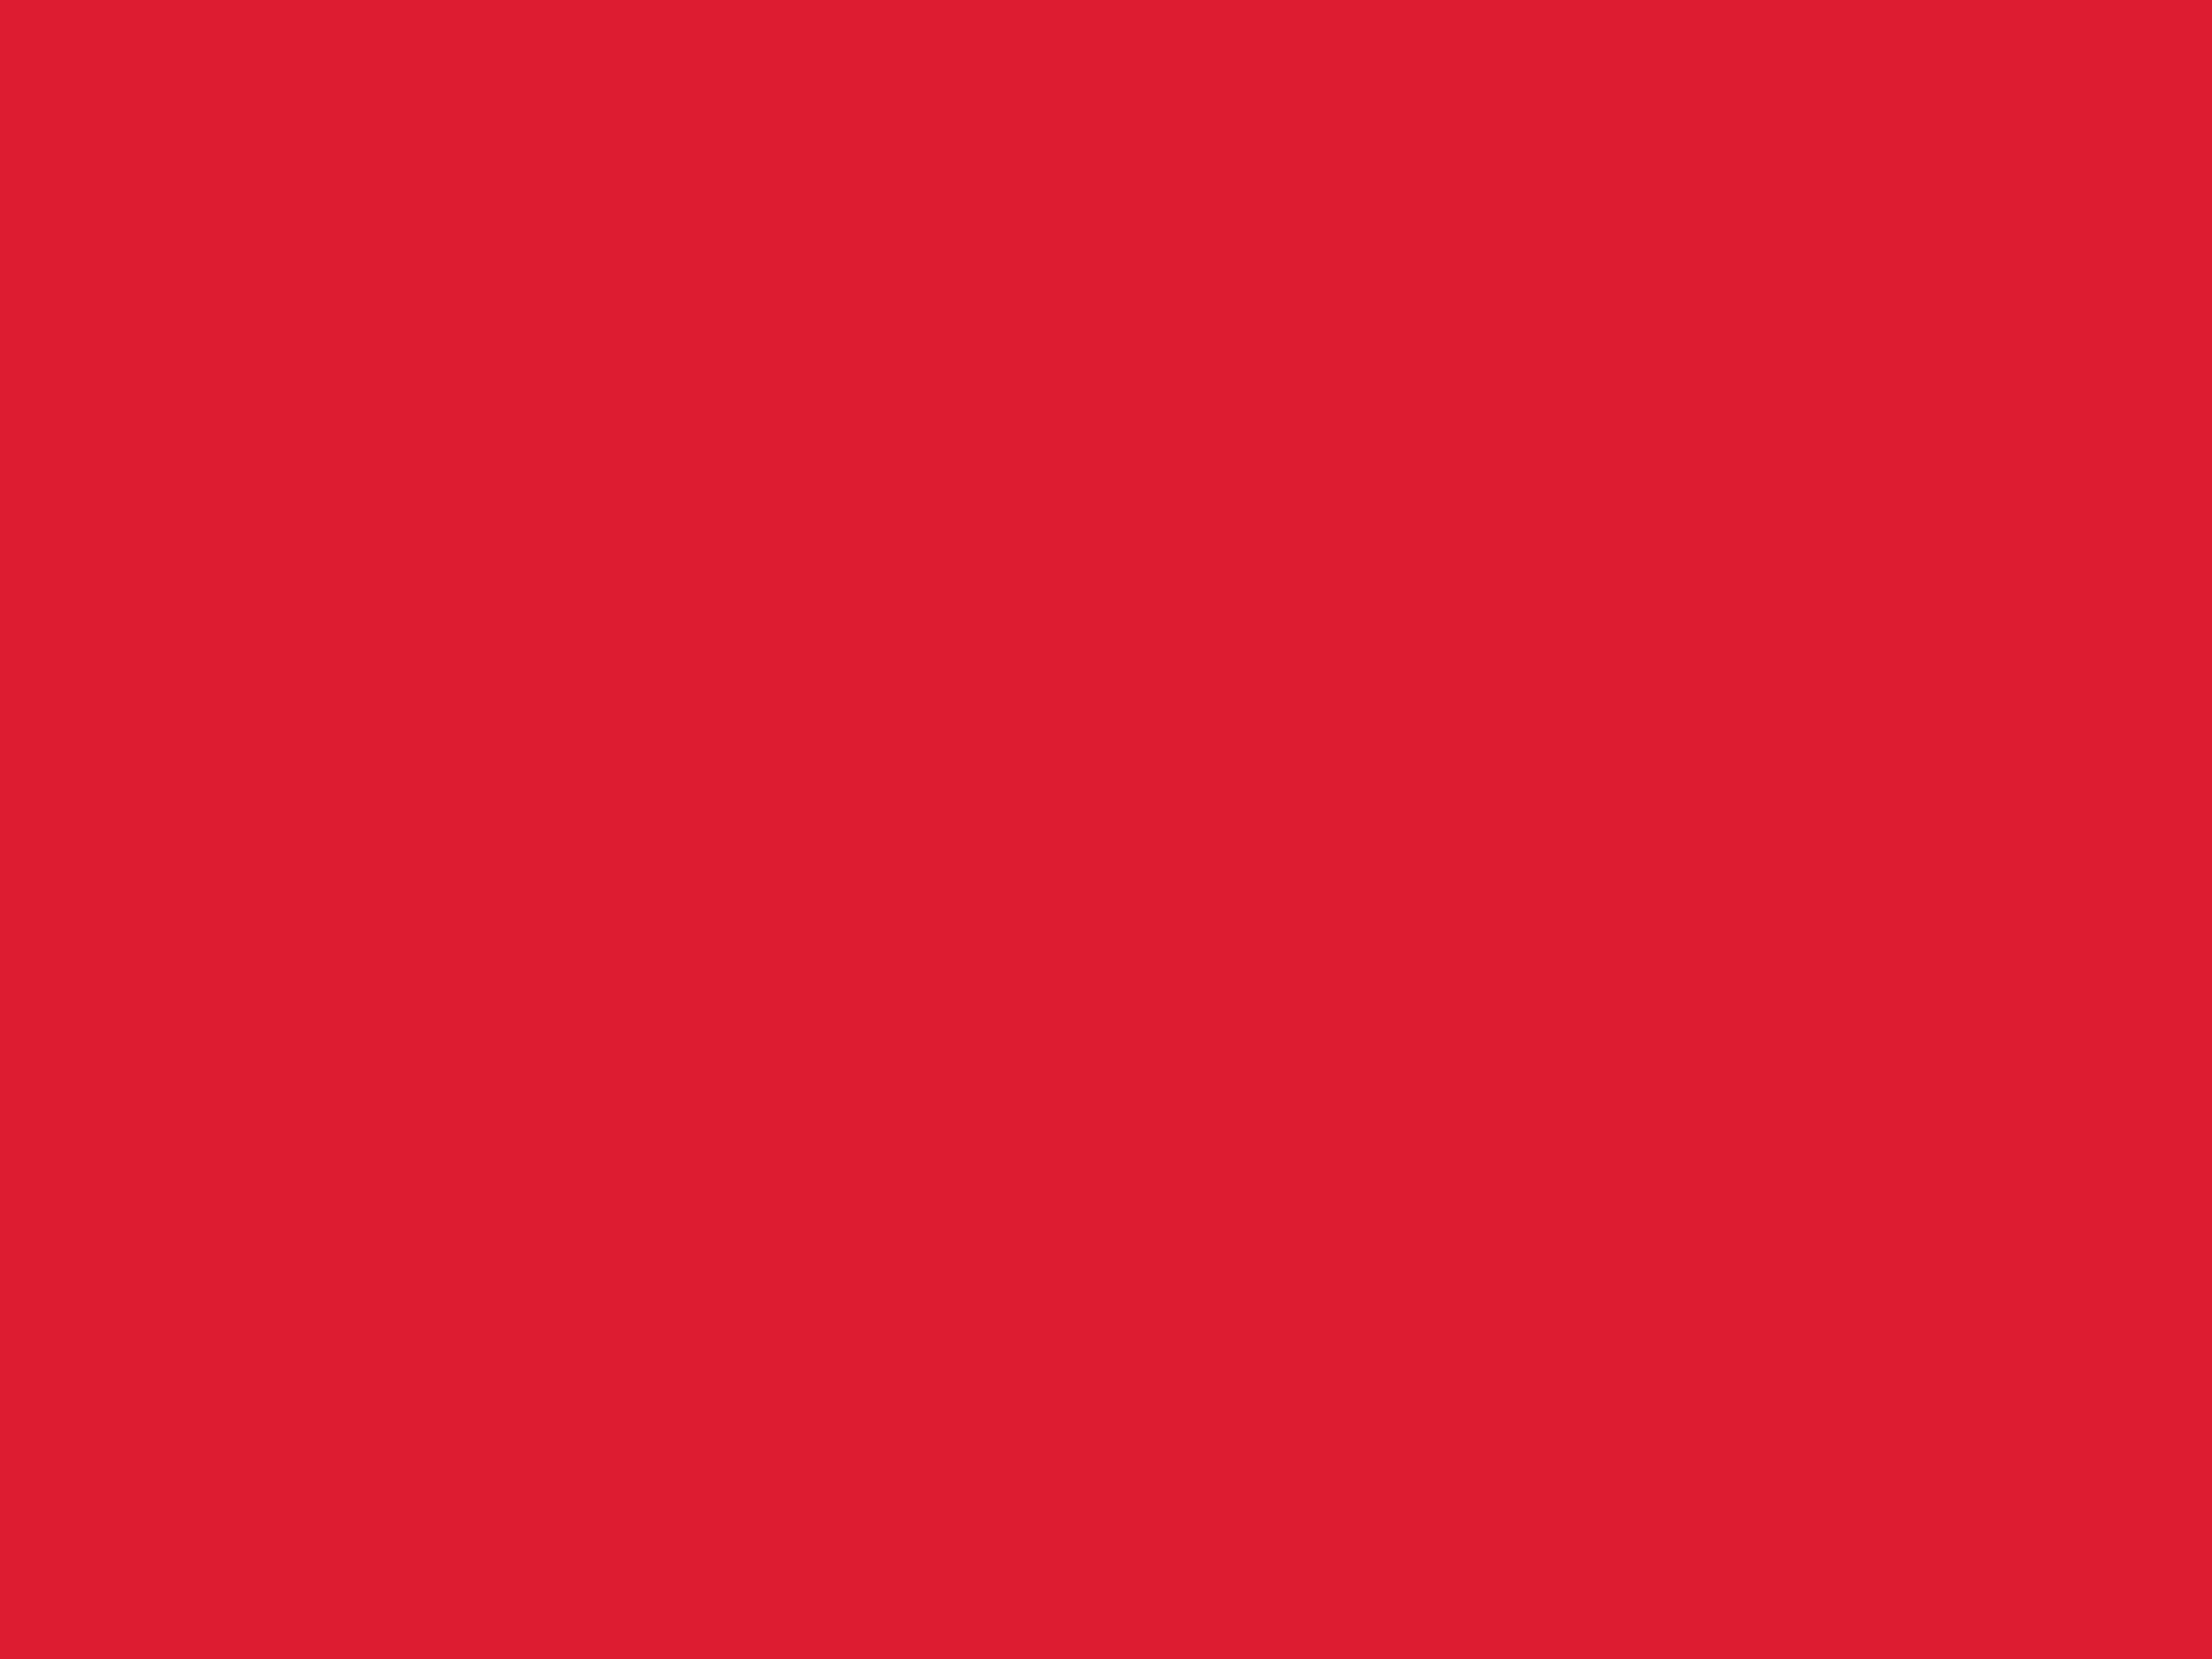 joshua-elliott-real-estate-red-placeholder.jpg